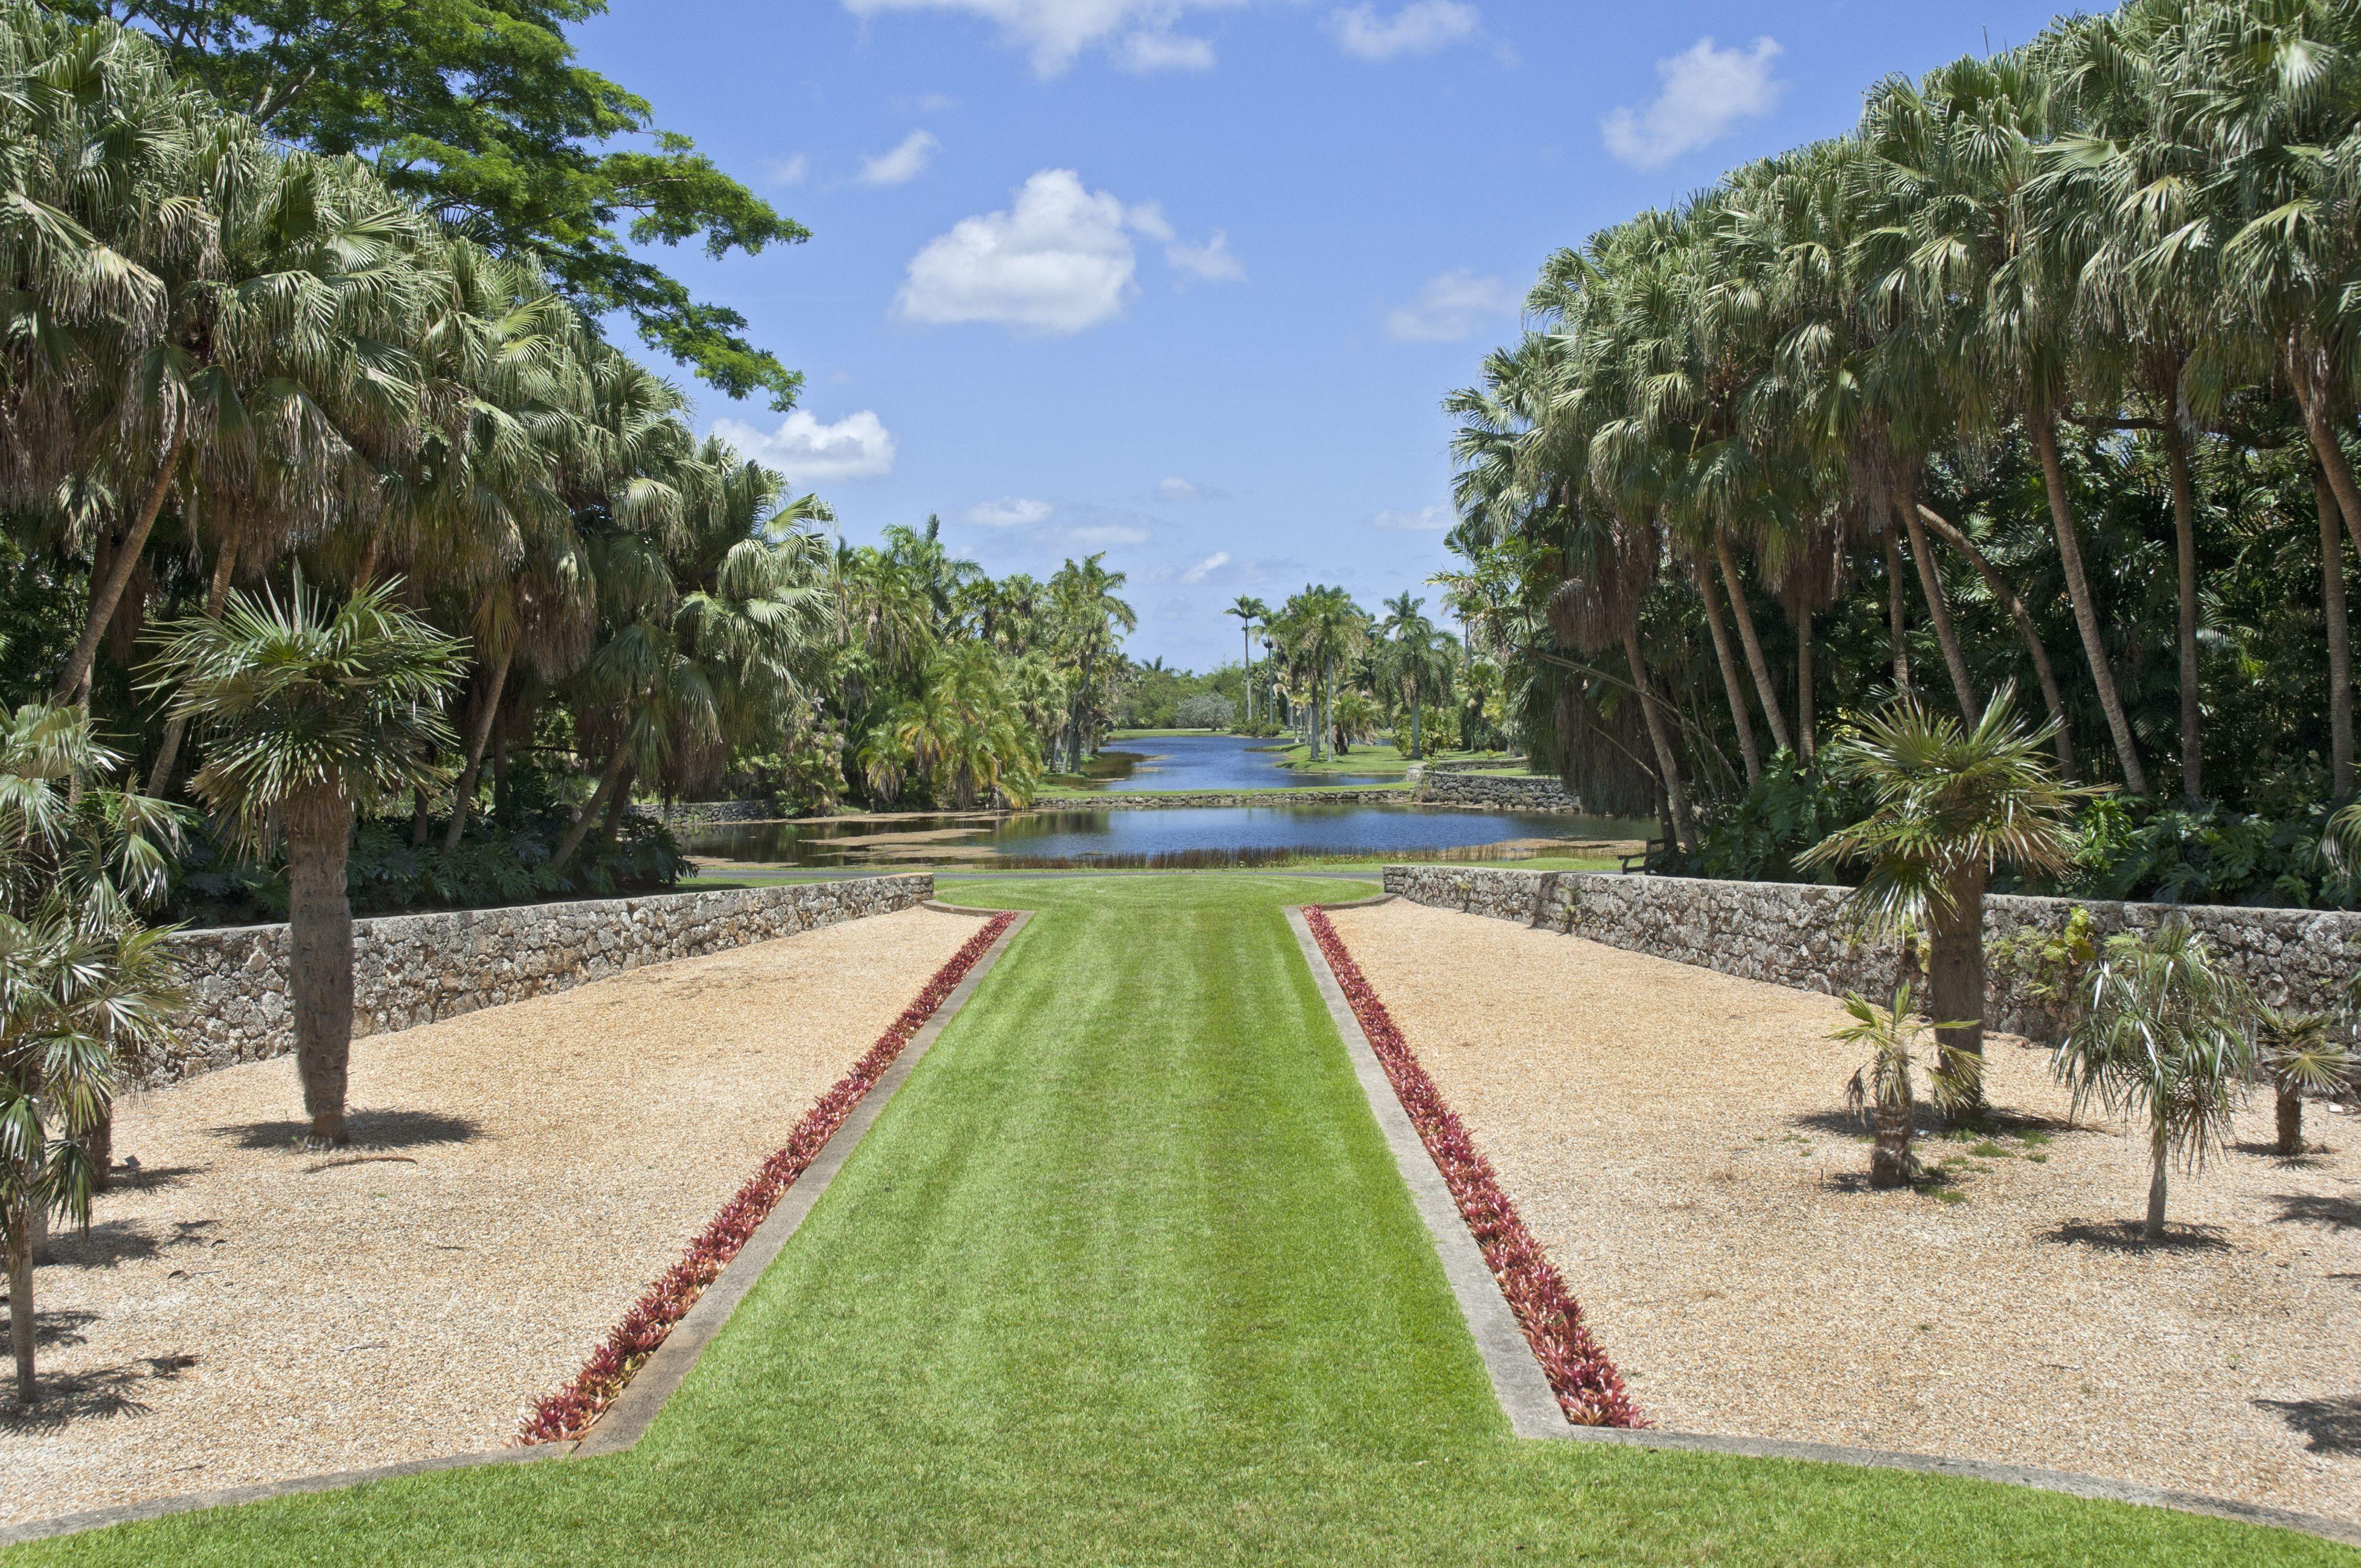 A grand vista of tropical garden splendor.